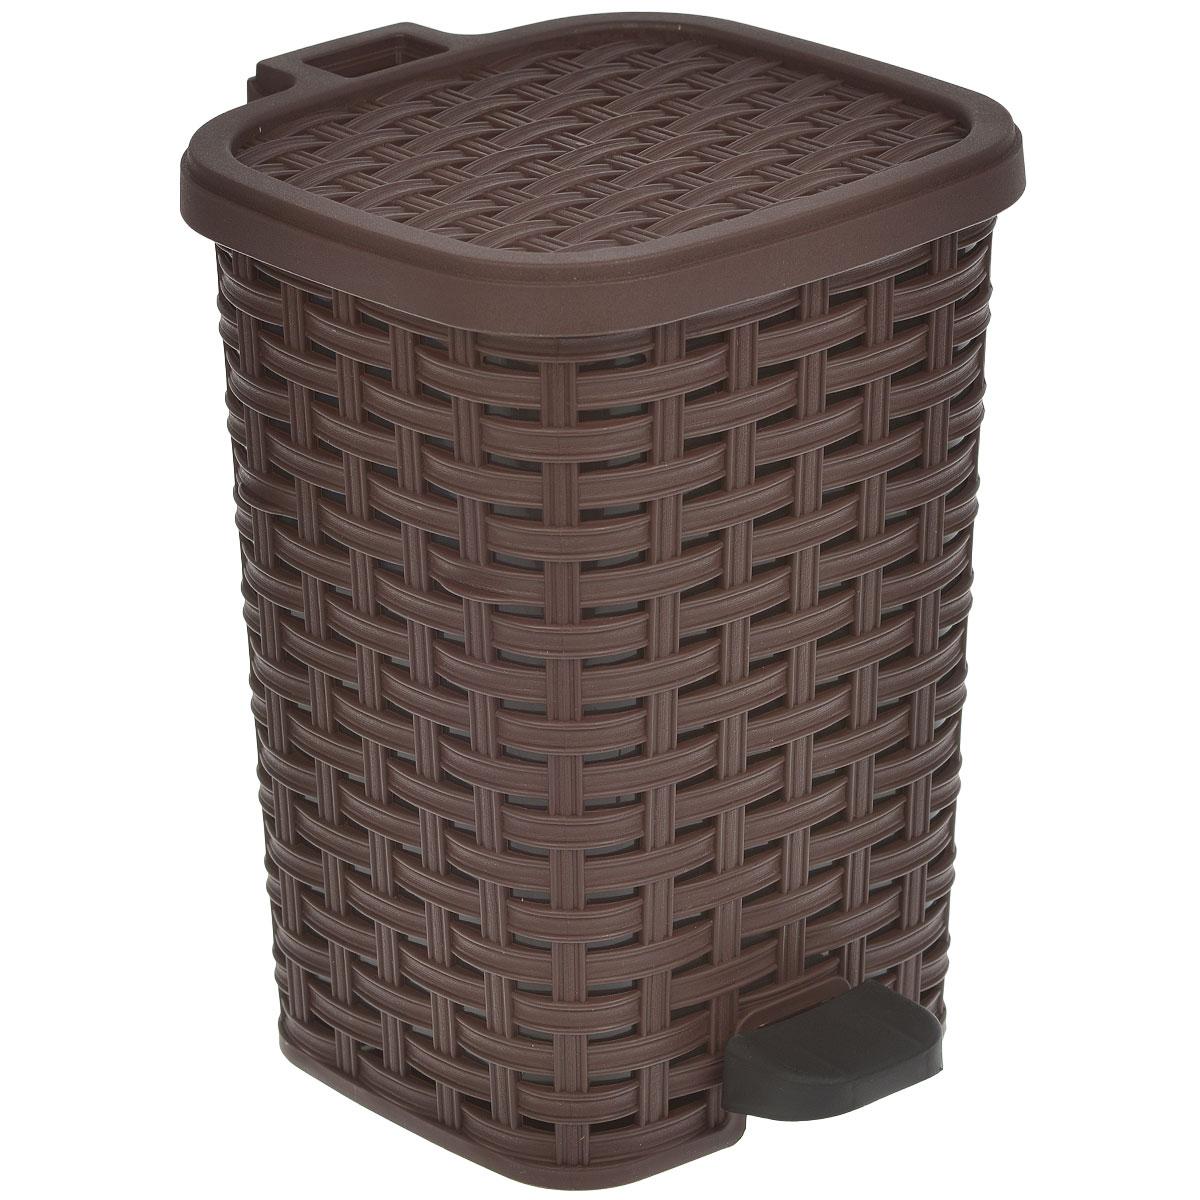 Ведро для мусора Dunya Plastik Раттан, с педалью, цвет: коричневый, черный, 6 л1052Ведро для мусора Dunya Plastik Раттан, выполненное из прочного пластика, обеспечит долгий срок службы и легкую чистку. Ведро поможет вам держать мелкий мусор в порядке и предотвратит распространение неприятного запаха. Откидная пластиковая крышка открывается и закрывается при помощи педали. Изделие выполнено в виде плетеной корзины с пластиковой вынимающейся емкостью для мусора внутри. Размер ведра (по верхнему краю): 19 см х 17 см. Высота (без учета крышки): 26 см. Высота (с учетом крышки): 27,5 см.